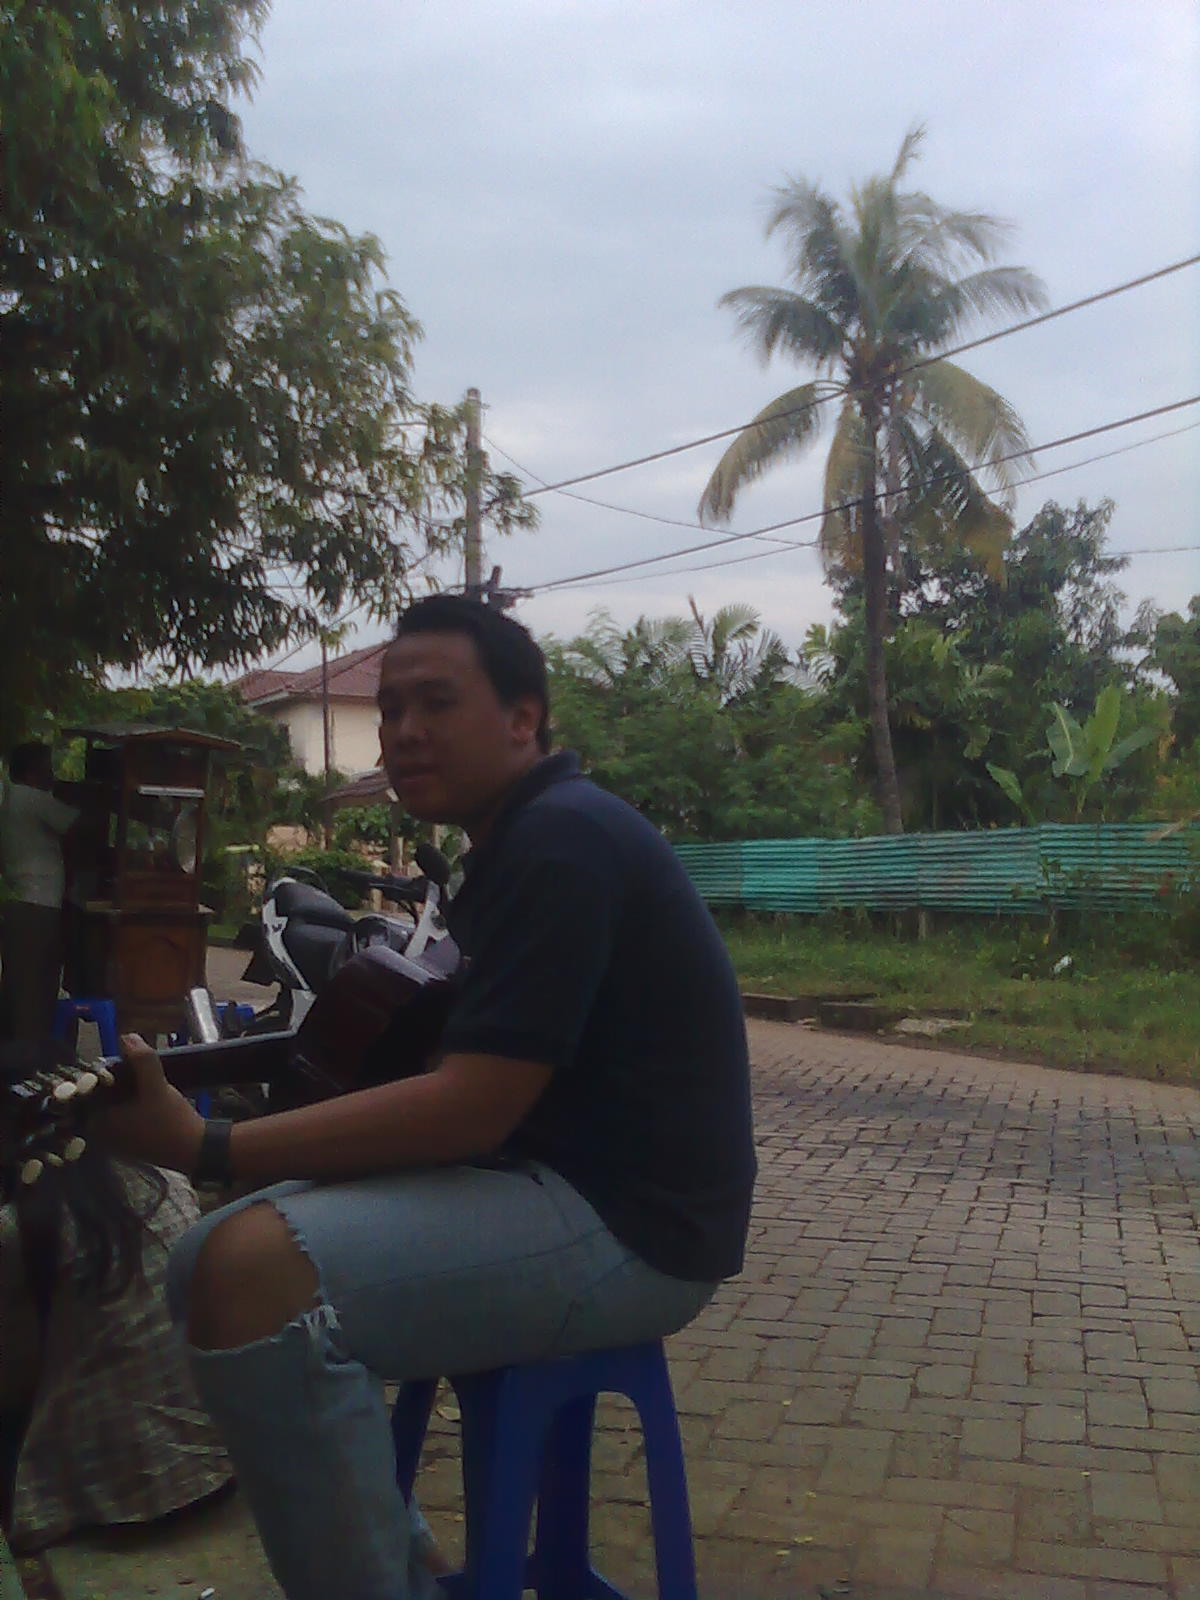 Foto Anak Anak Gunadarma Yg Gokil Waktuyangtertinggals